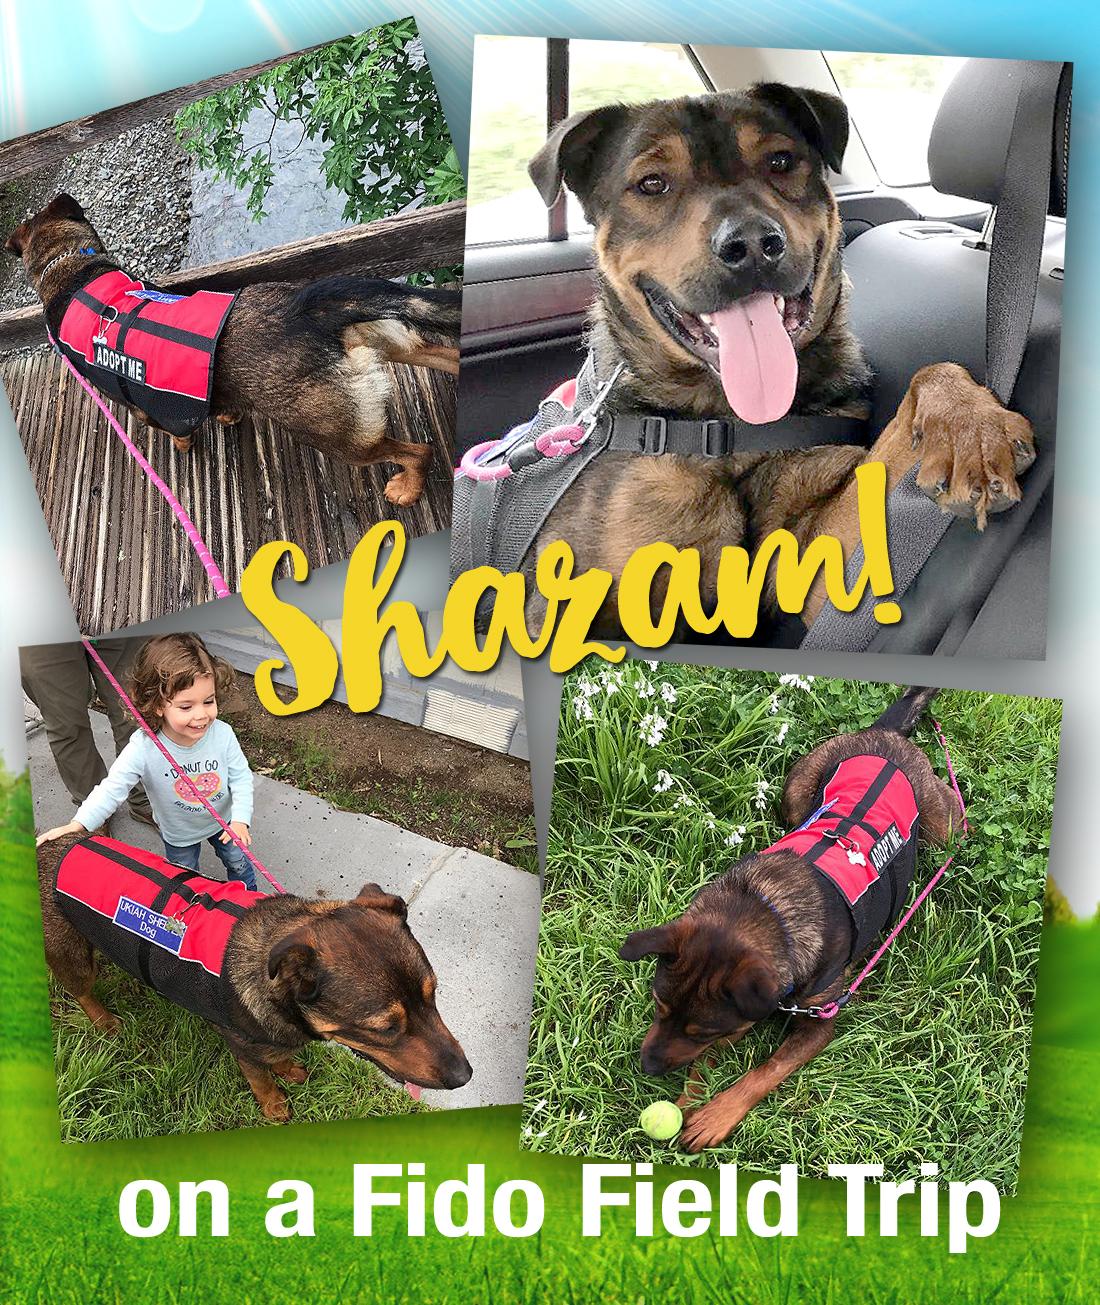 shazam-on-a-field-trip.jpg